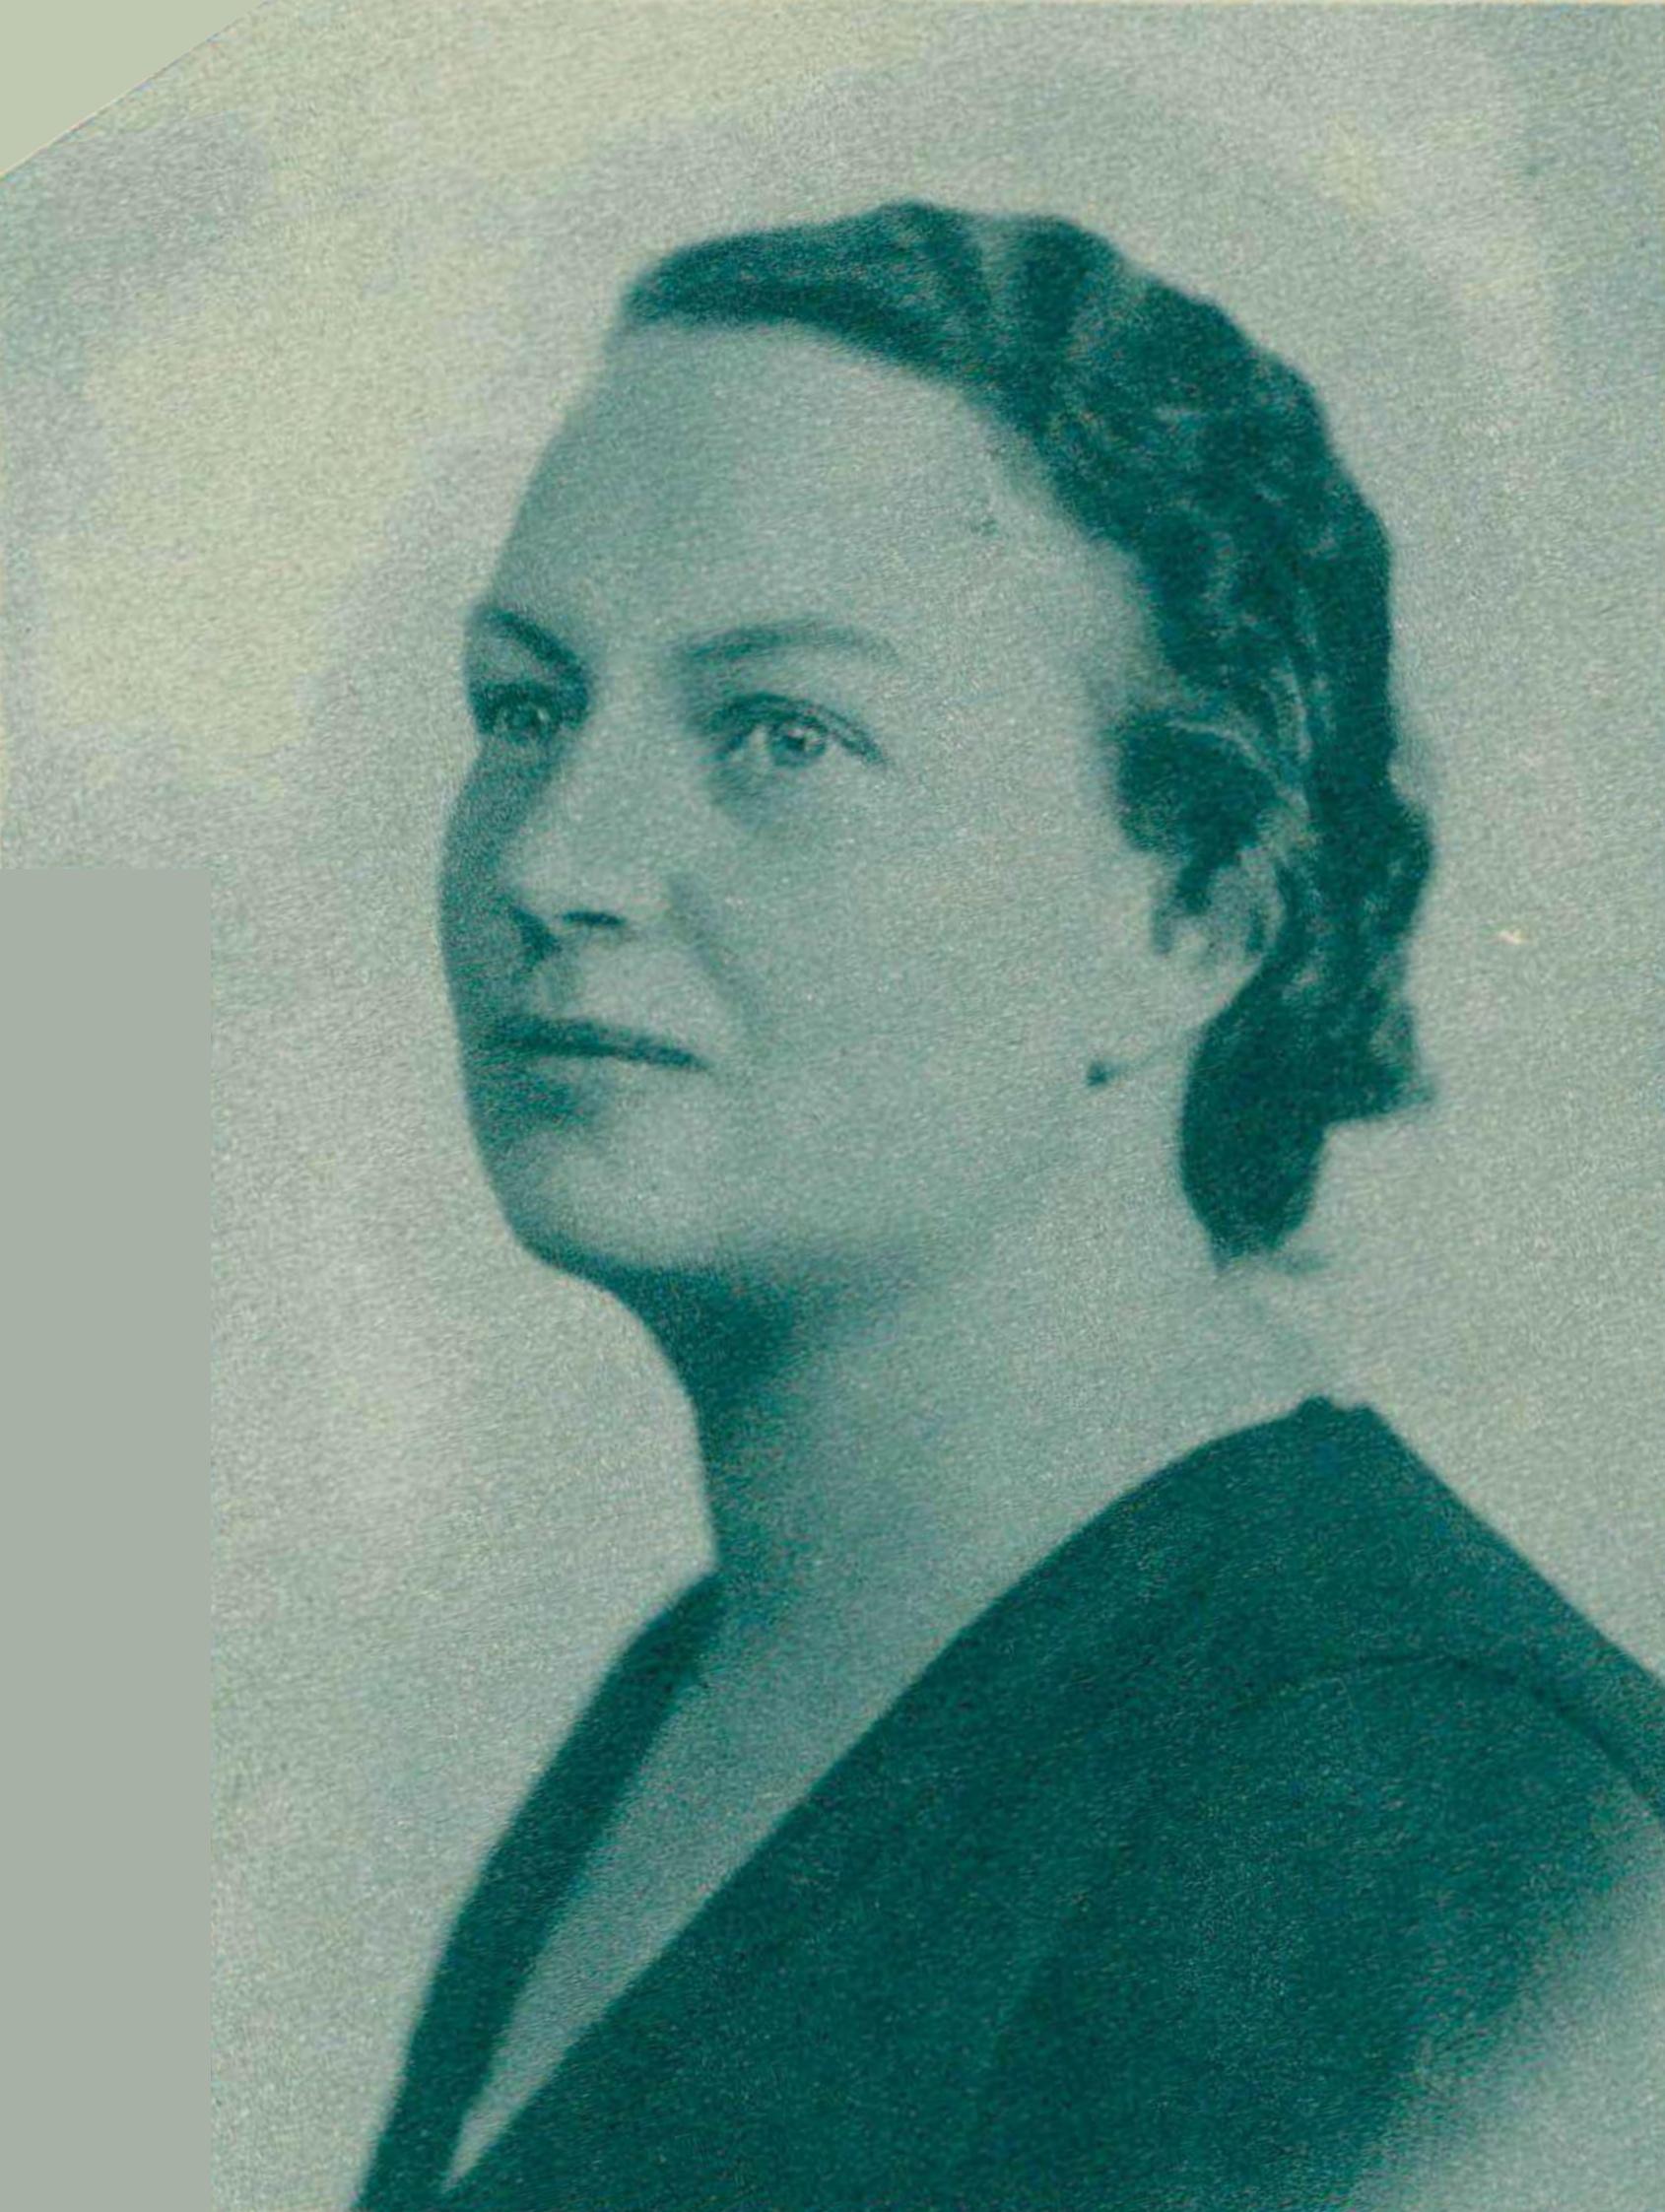 Isabelle NEF, un portrait fait par Photo Hélios et publié dans la revue Le Radio du 21 août 1936 en page 1520, cliquer pour une vue agrandie